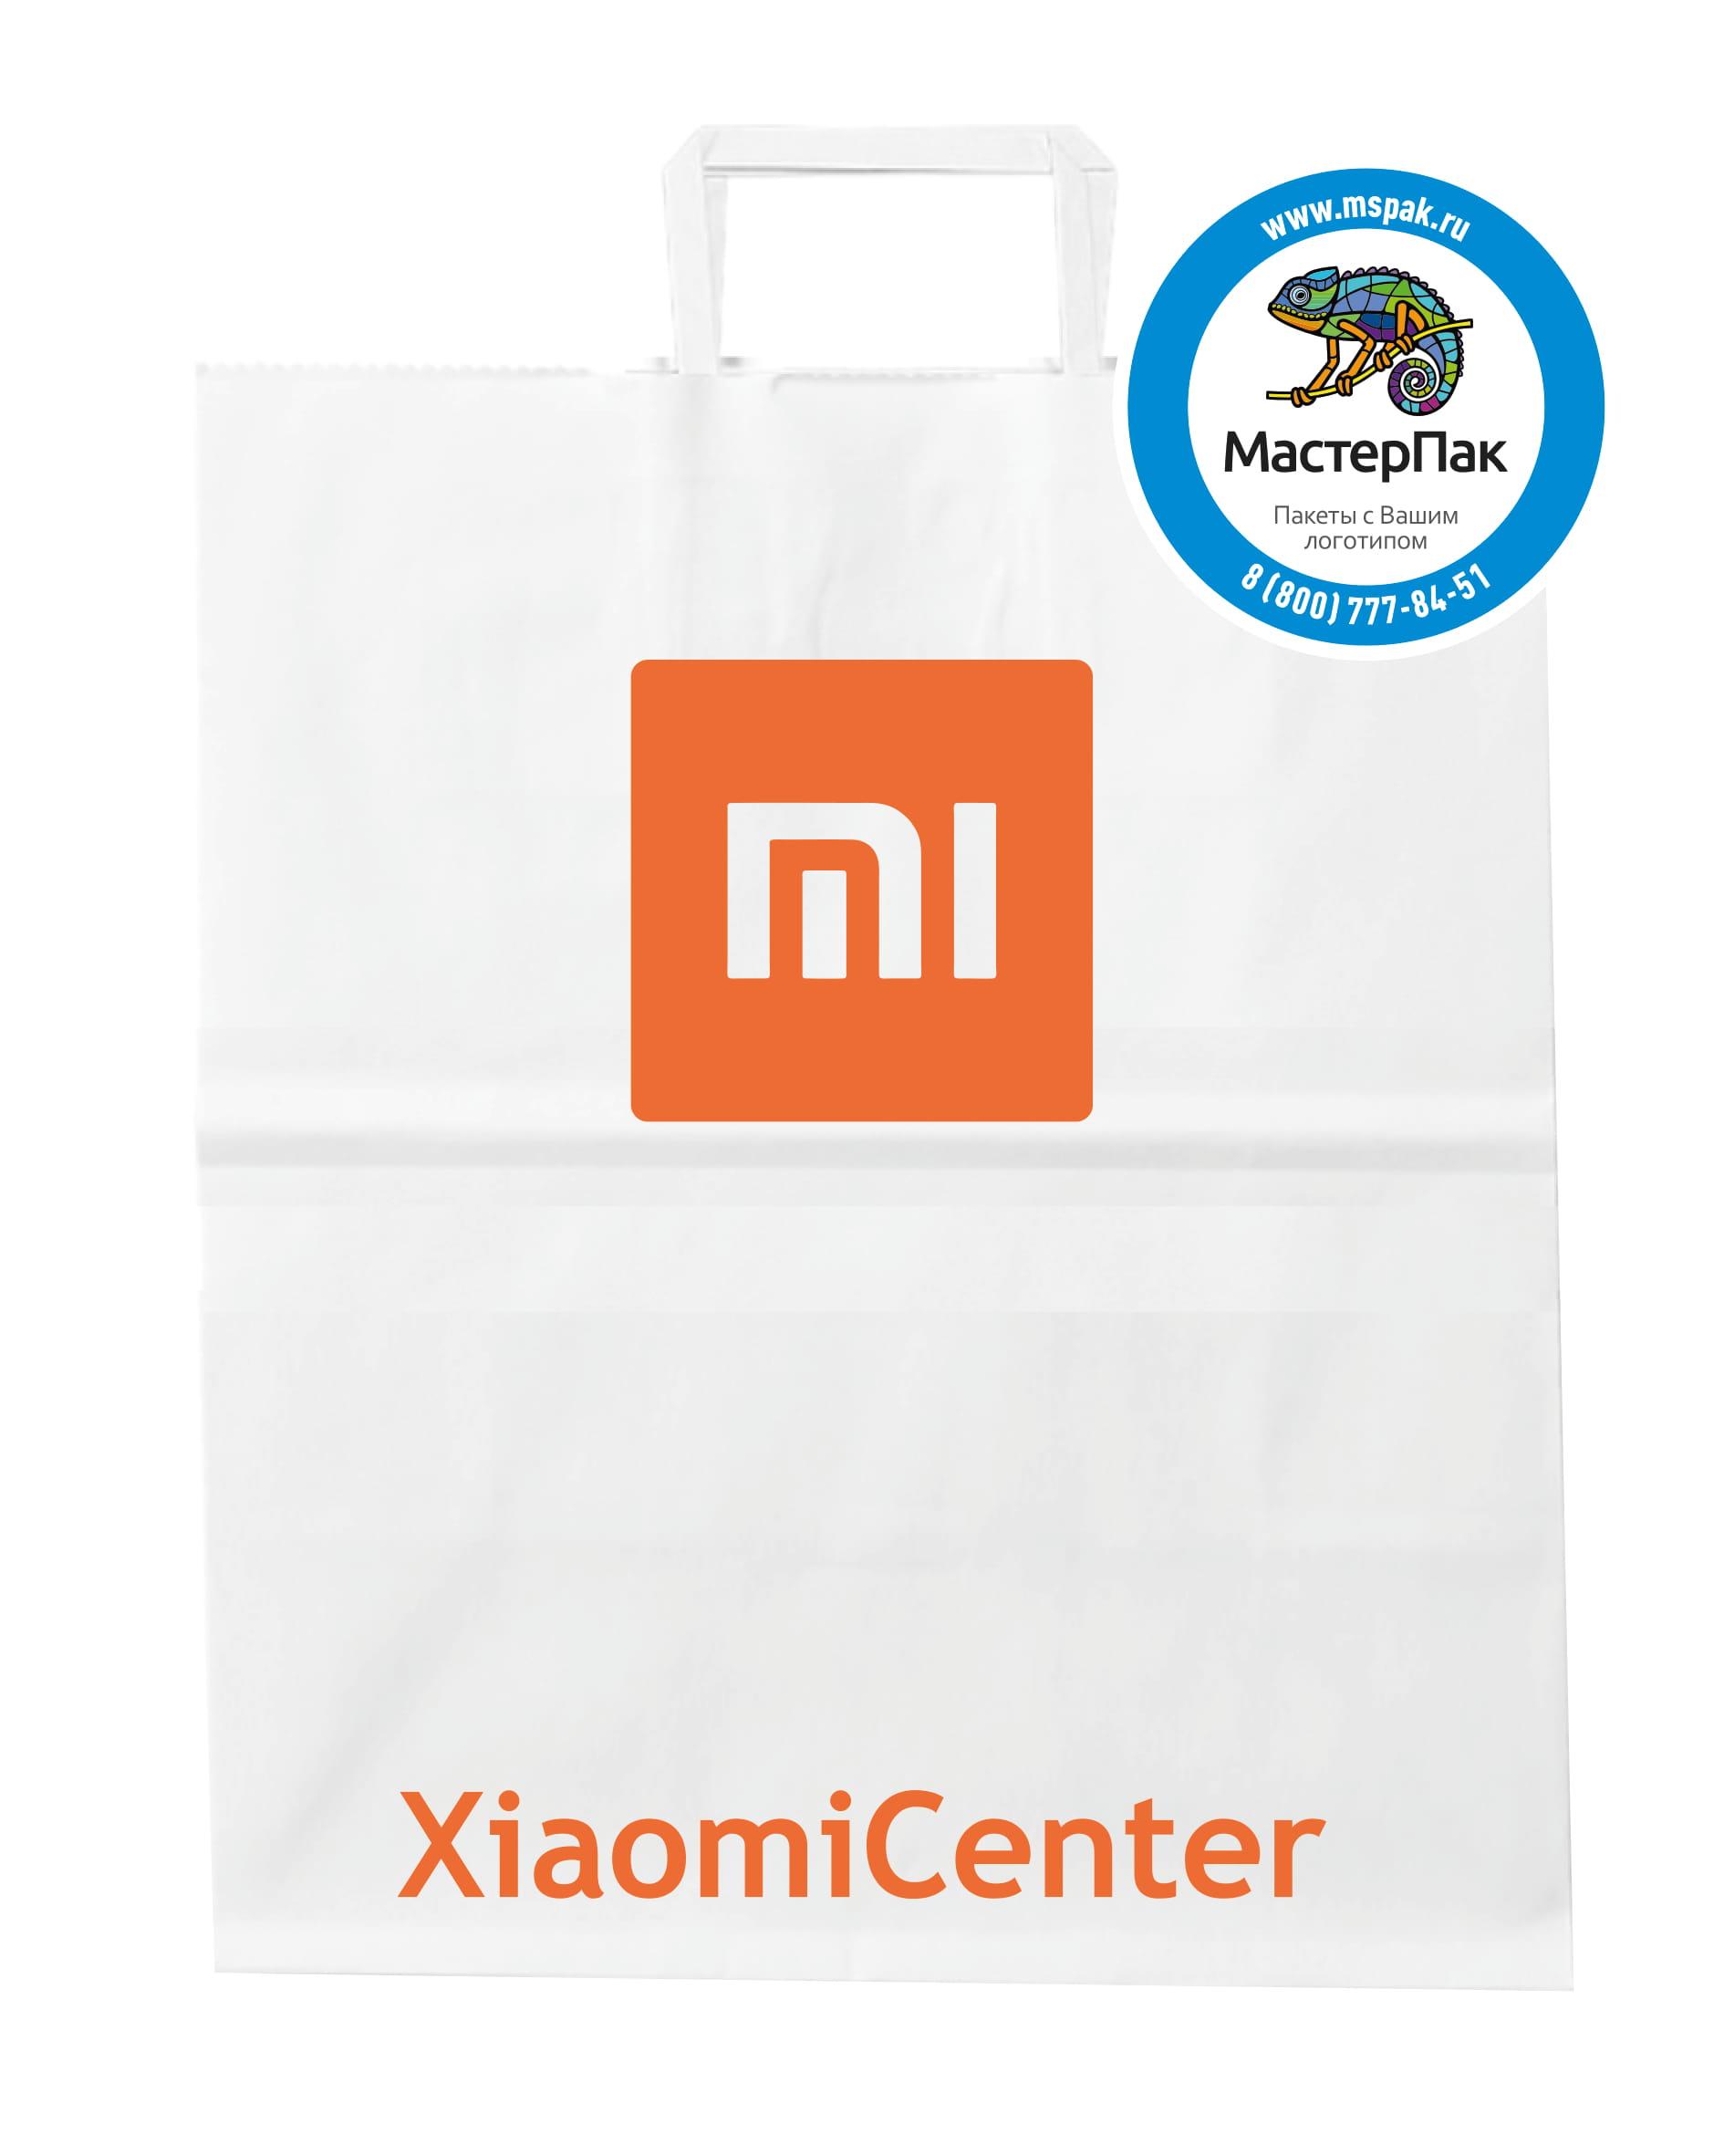 Пакет крафт, бумажный с логотипом Xiaomi Center, Вологда, 24*28 см